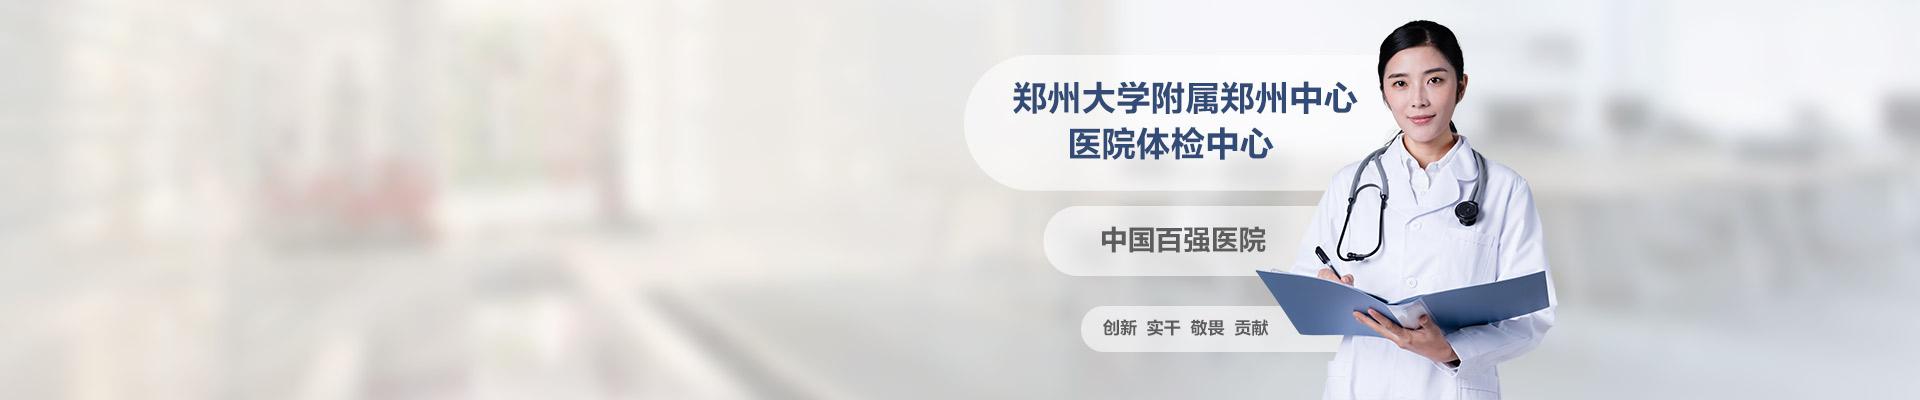 郑州大学附属郑州中心医院体检中心PC